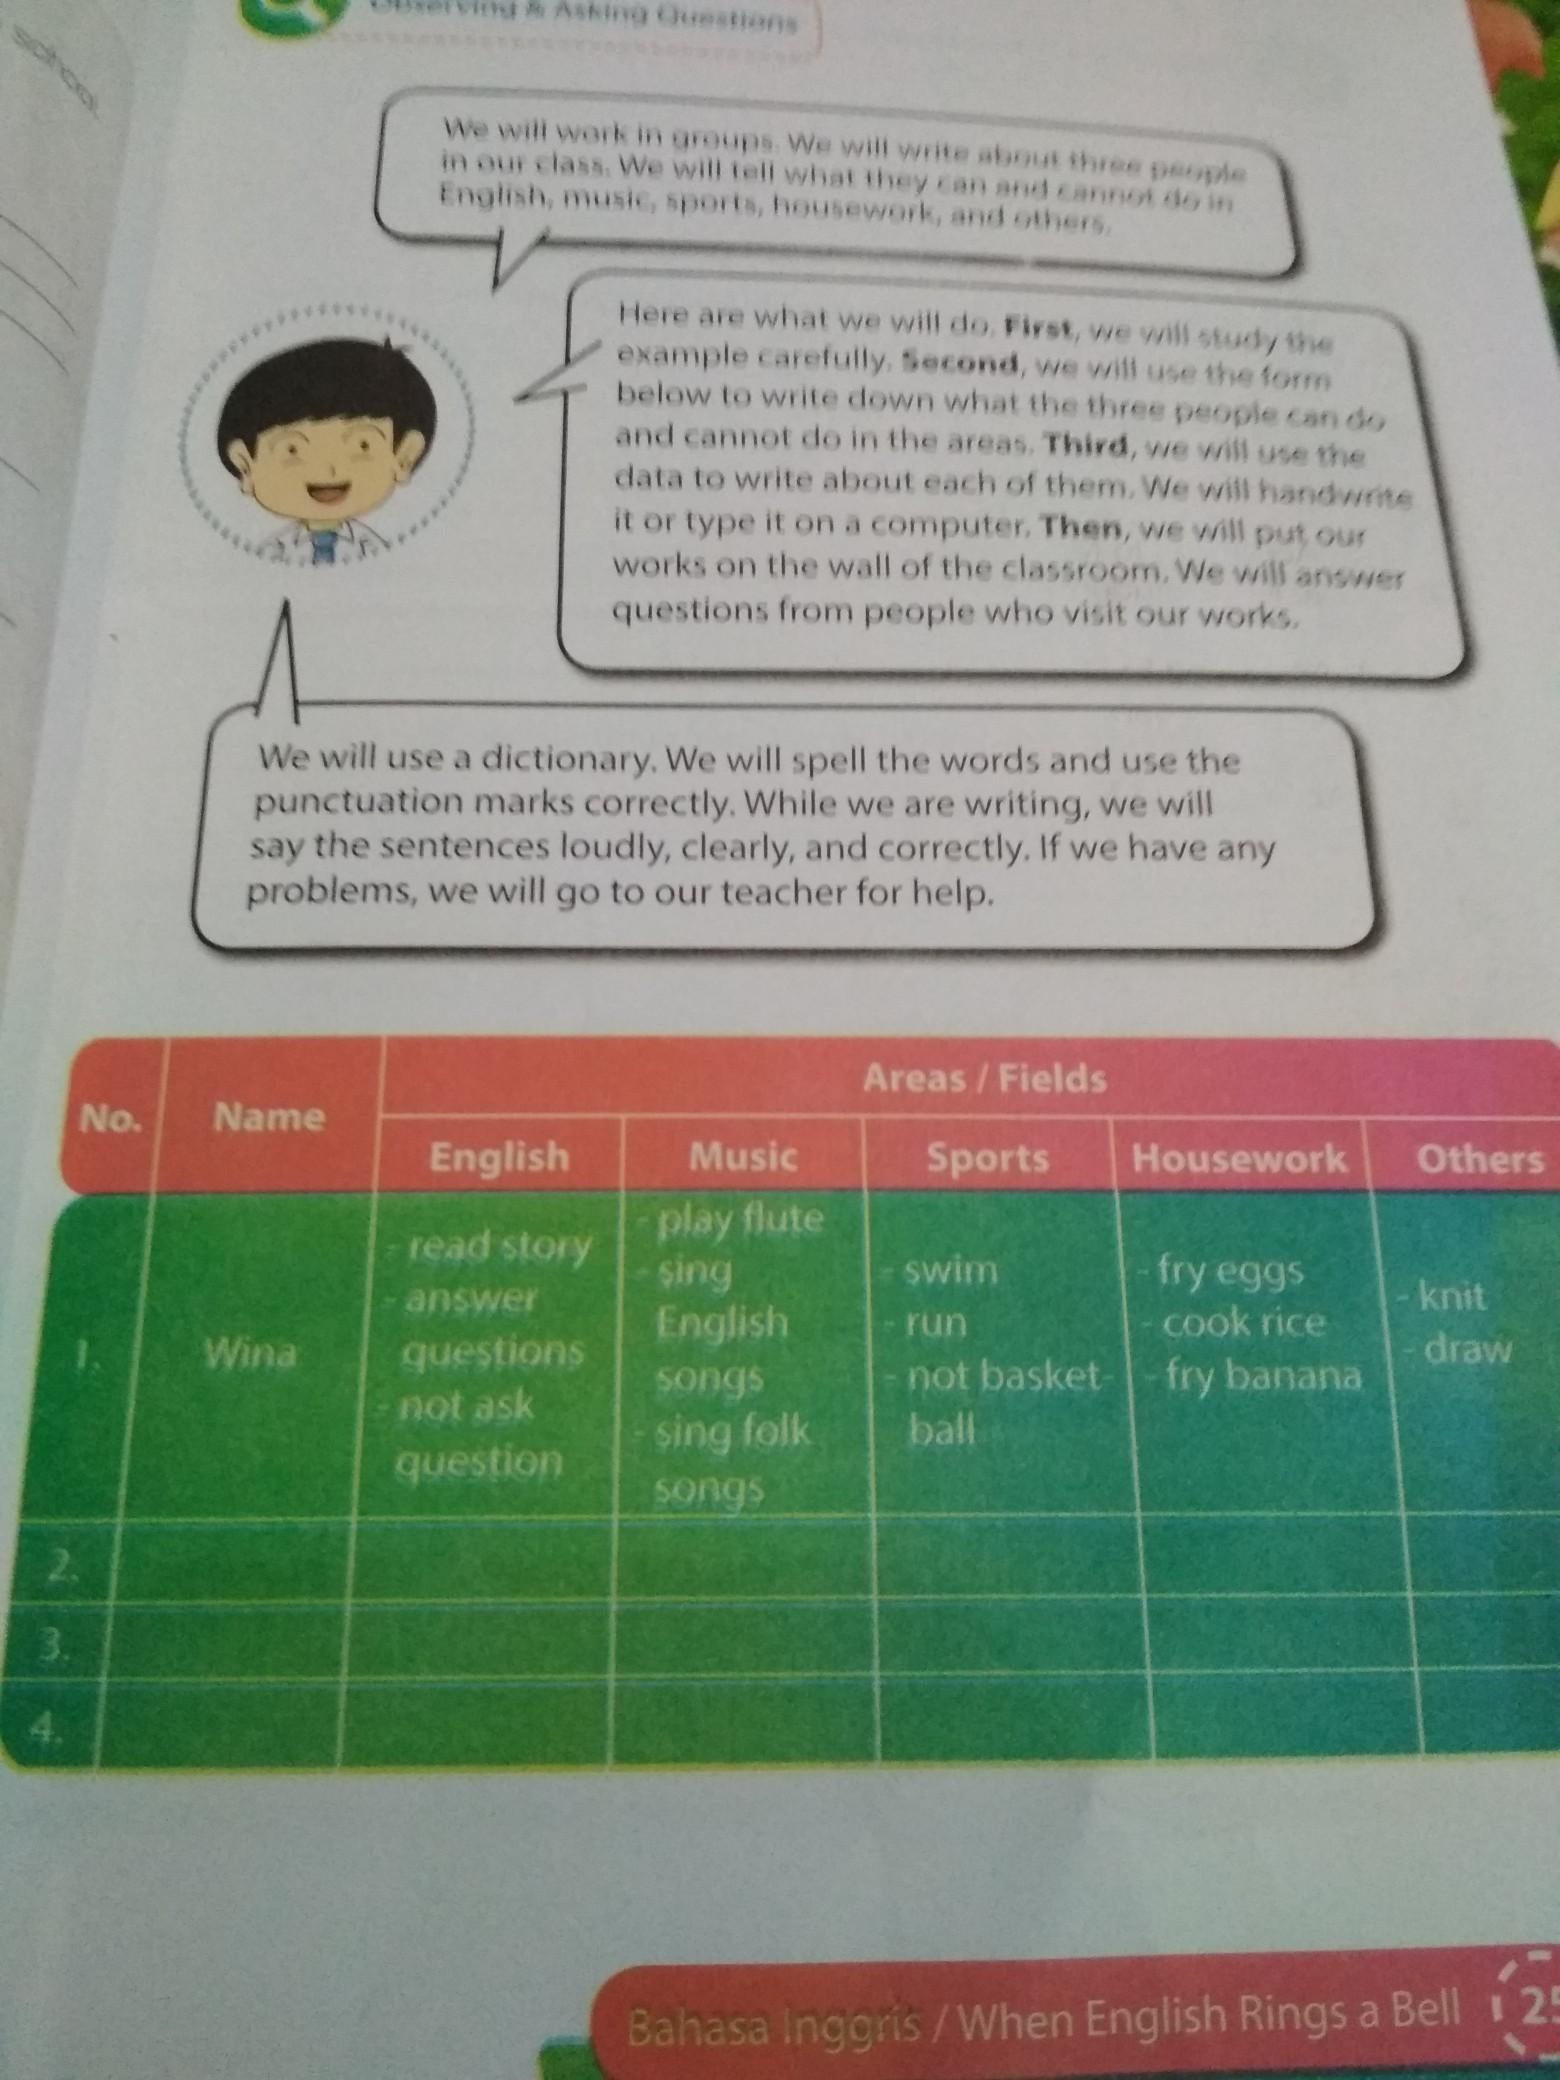 Jawab Bahasa Inggris Halaman 25 Kurikulum 2018 Kelas 8 Brainly Co Id